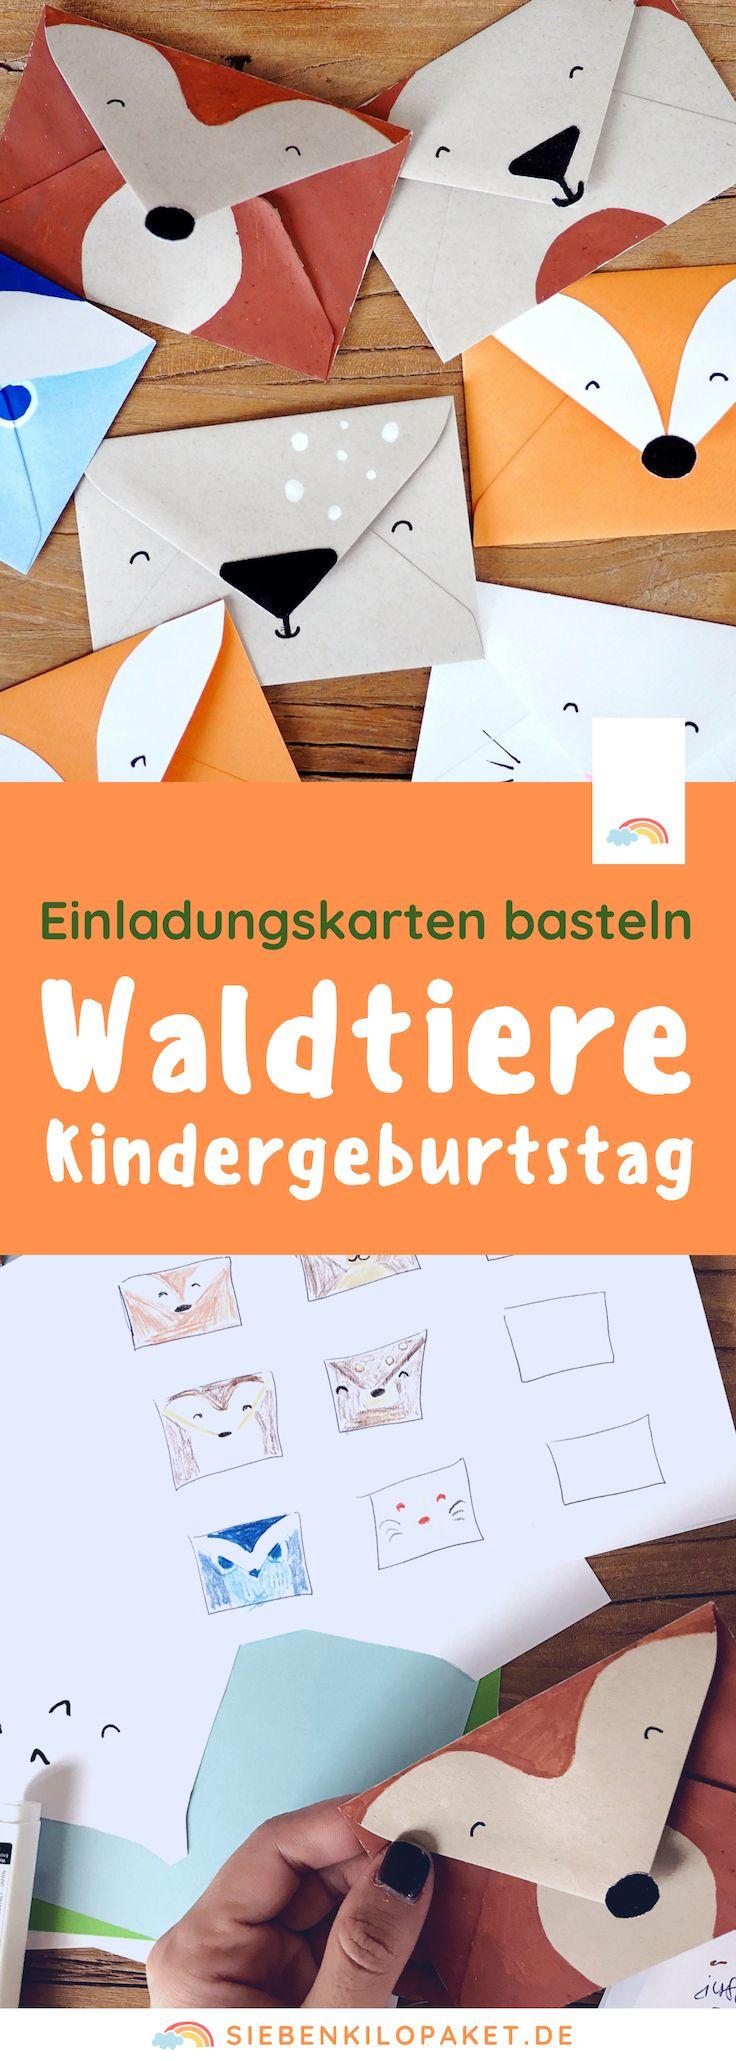 Einladungskarte Kindergeburtstag basteln: Waldtiere – siebenkilopaket – Leben mit Kindern: bunte DIY Ideen, Reiseziele, Rezepte & Tipps